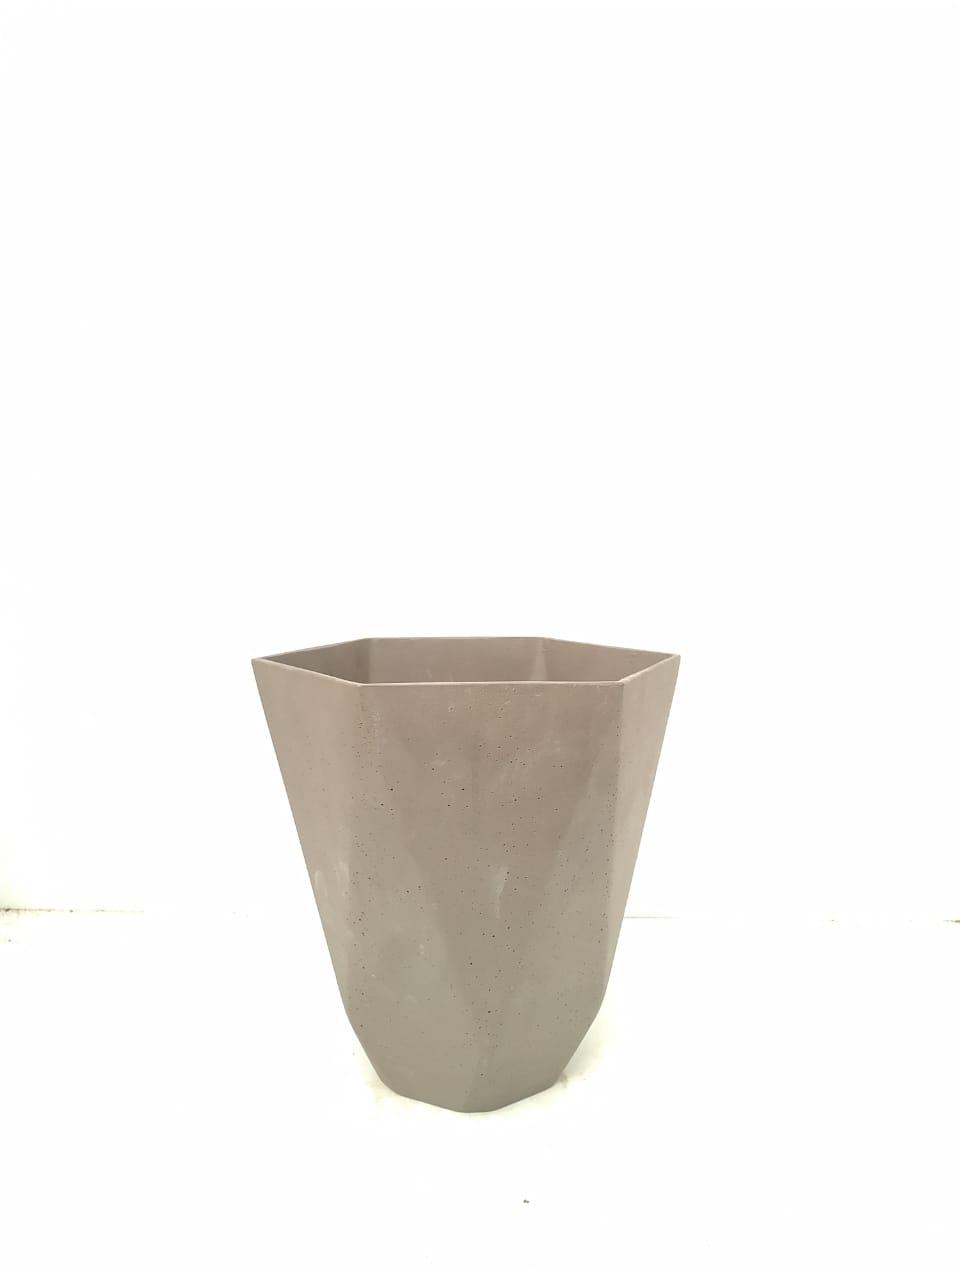 وعاء حجر رملي كريمي - وسط أواني و مزهريات